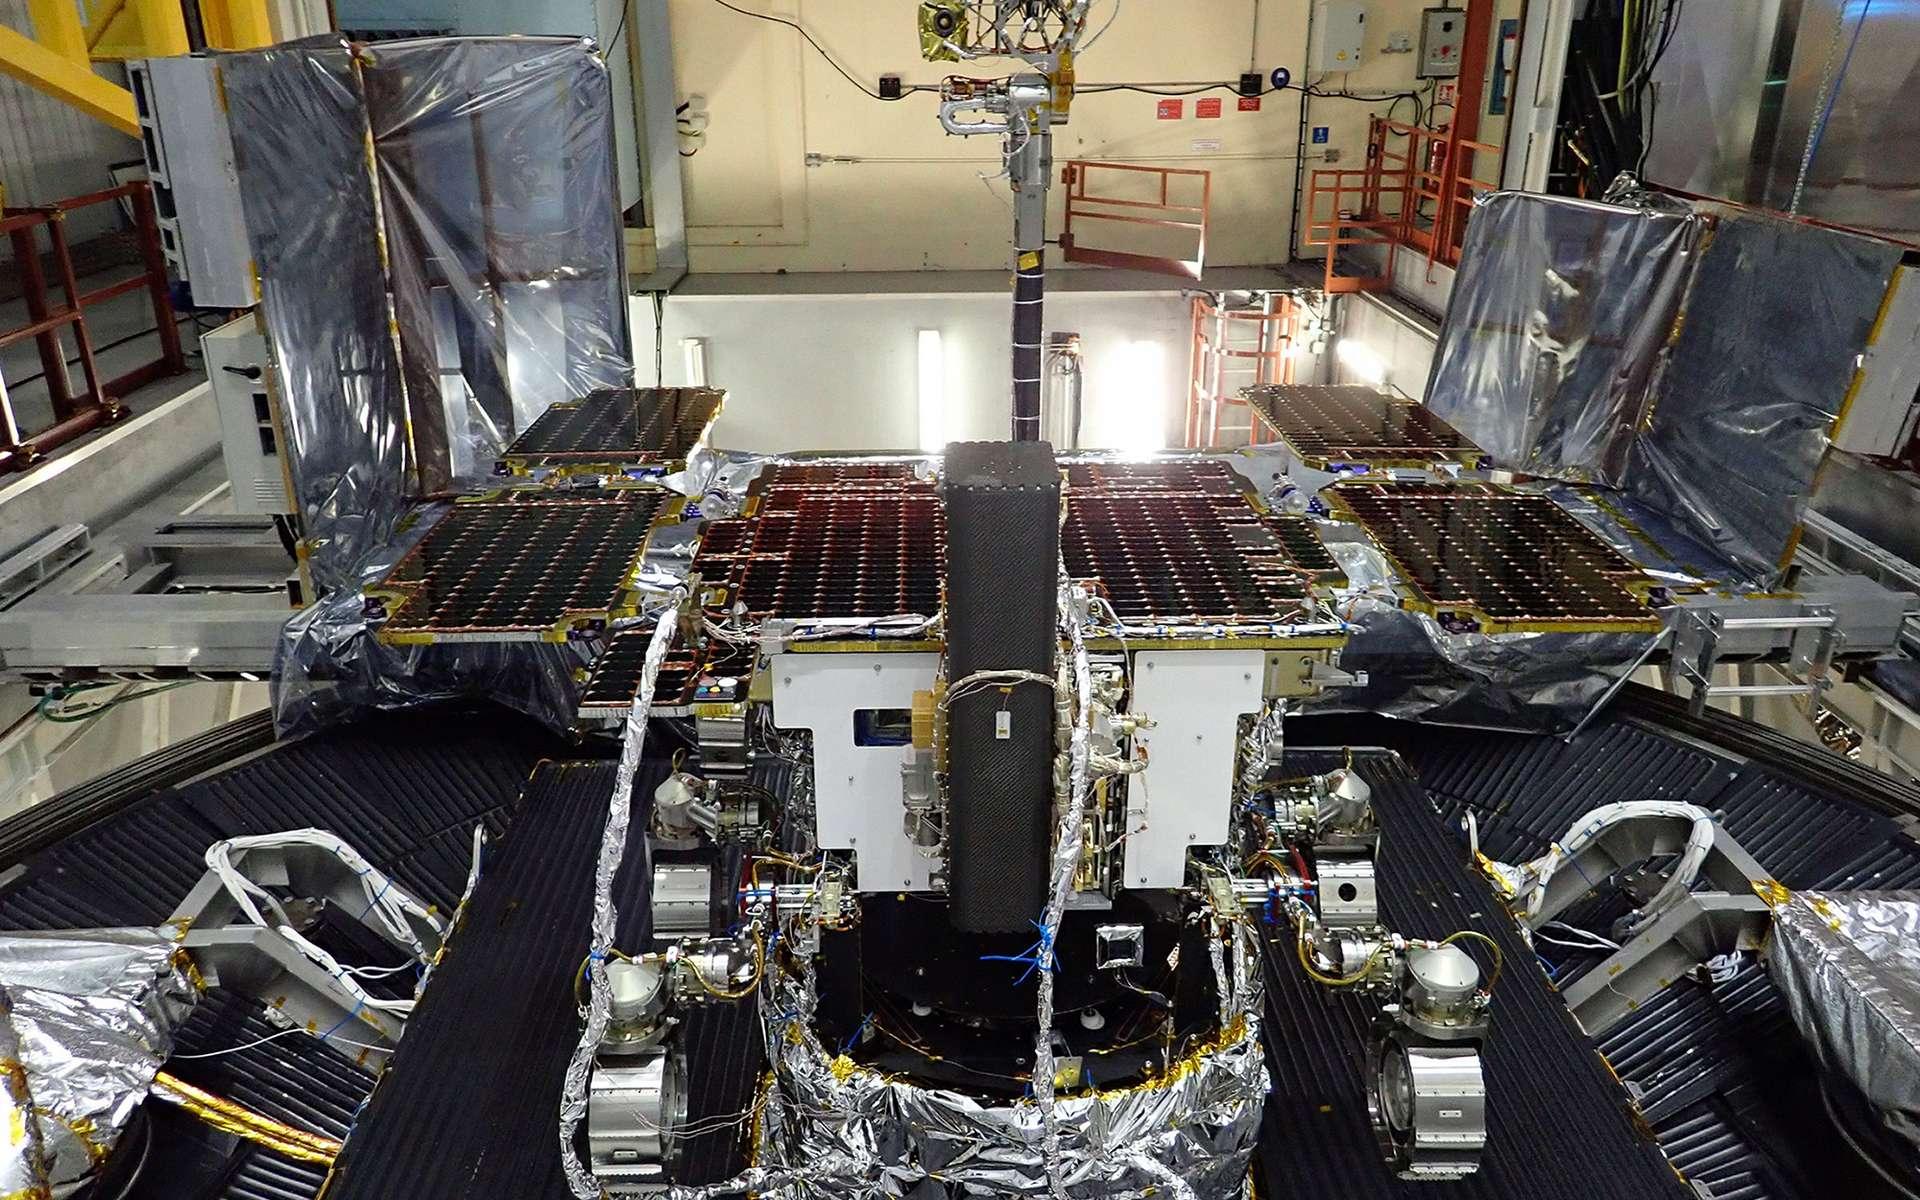 Le rover ExoMars 2020, alias Rosalind Franklin, réalise ses essais de vide thermique